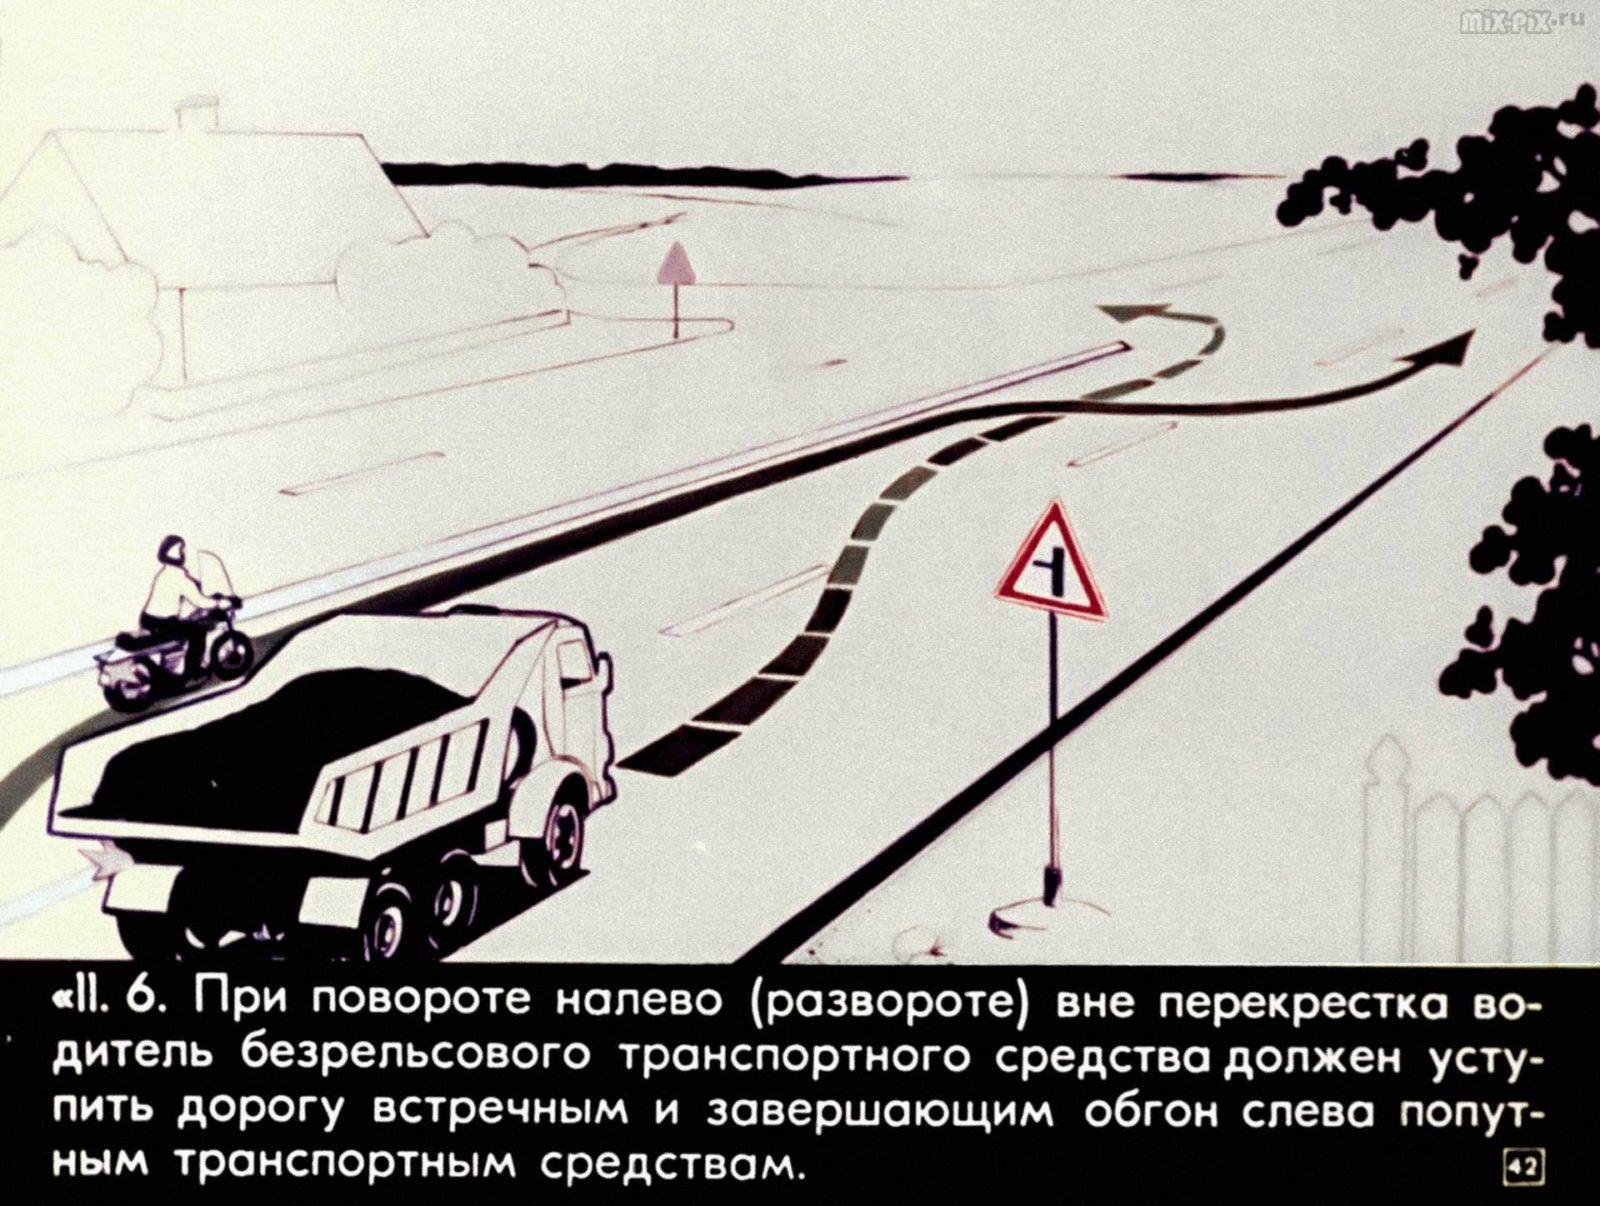 Правила дорожного движения. Расположение транспортных средств на проезжей части. Начало движения. Маневрирование (1983) 51